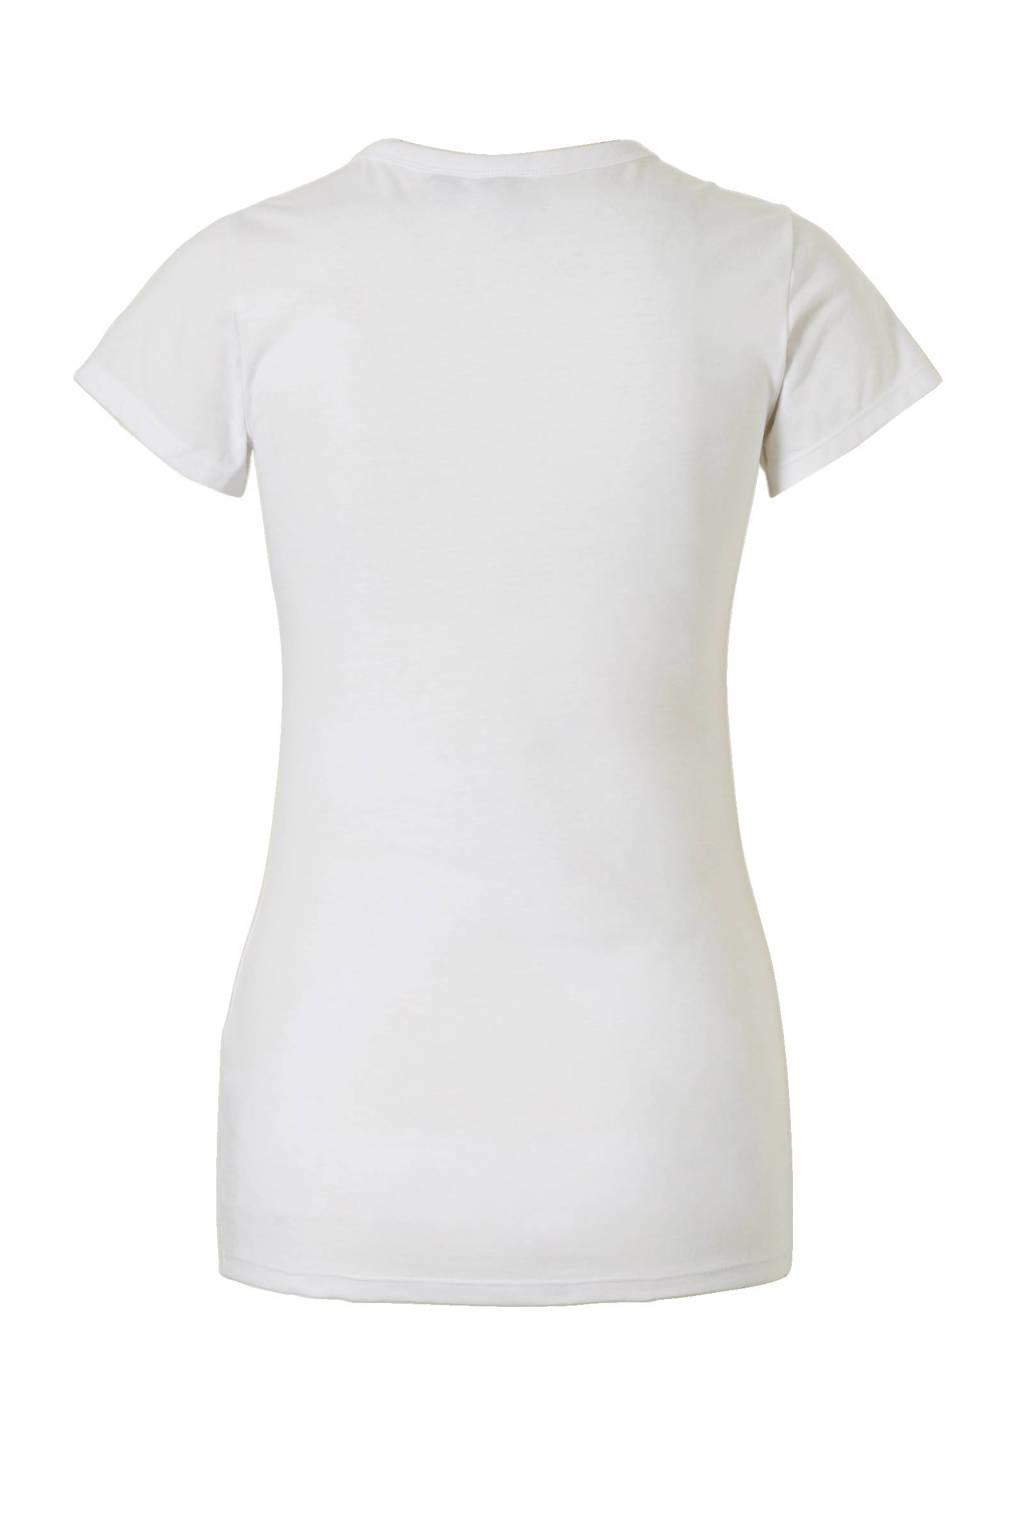 G-Star RAW Eyben T-shirt, Wit/zwart